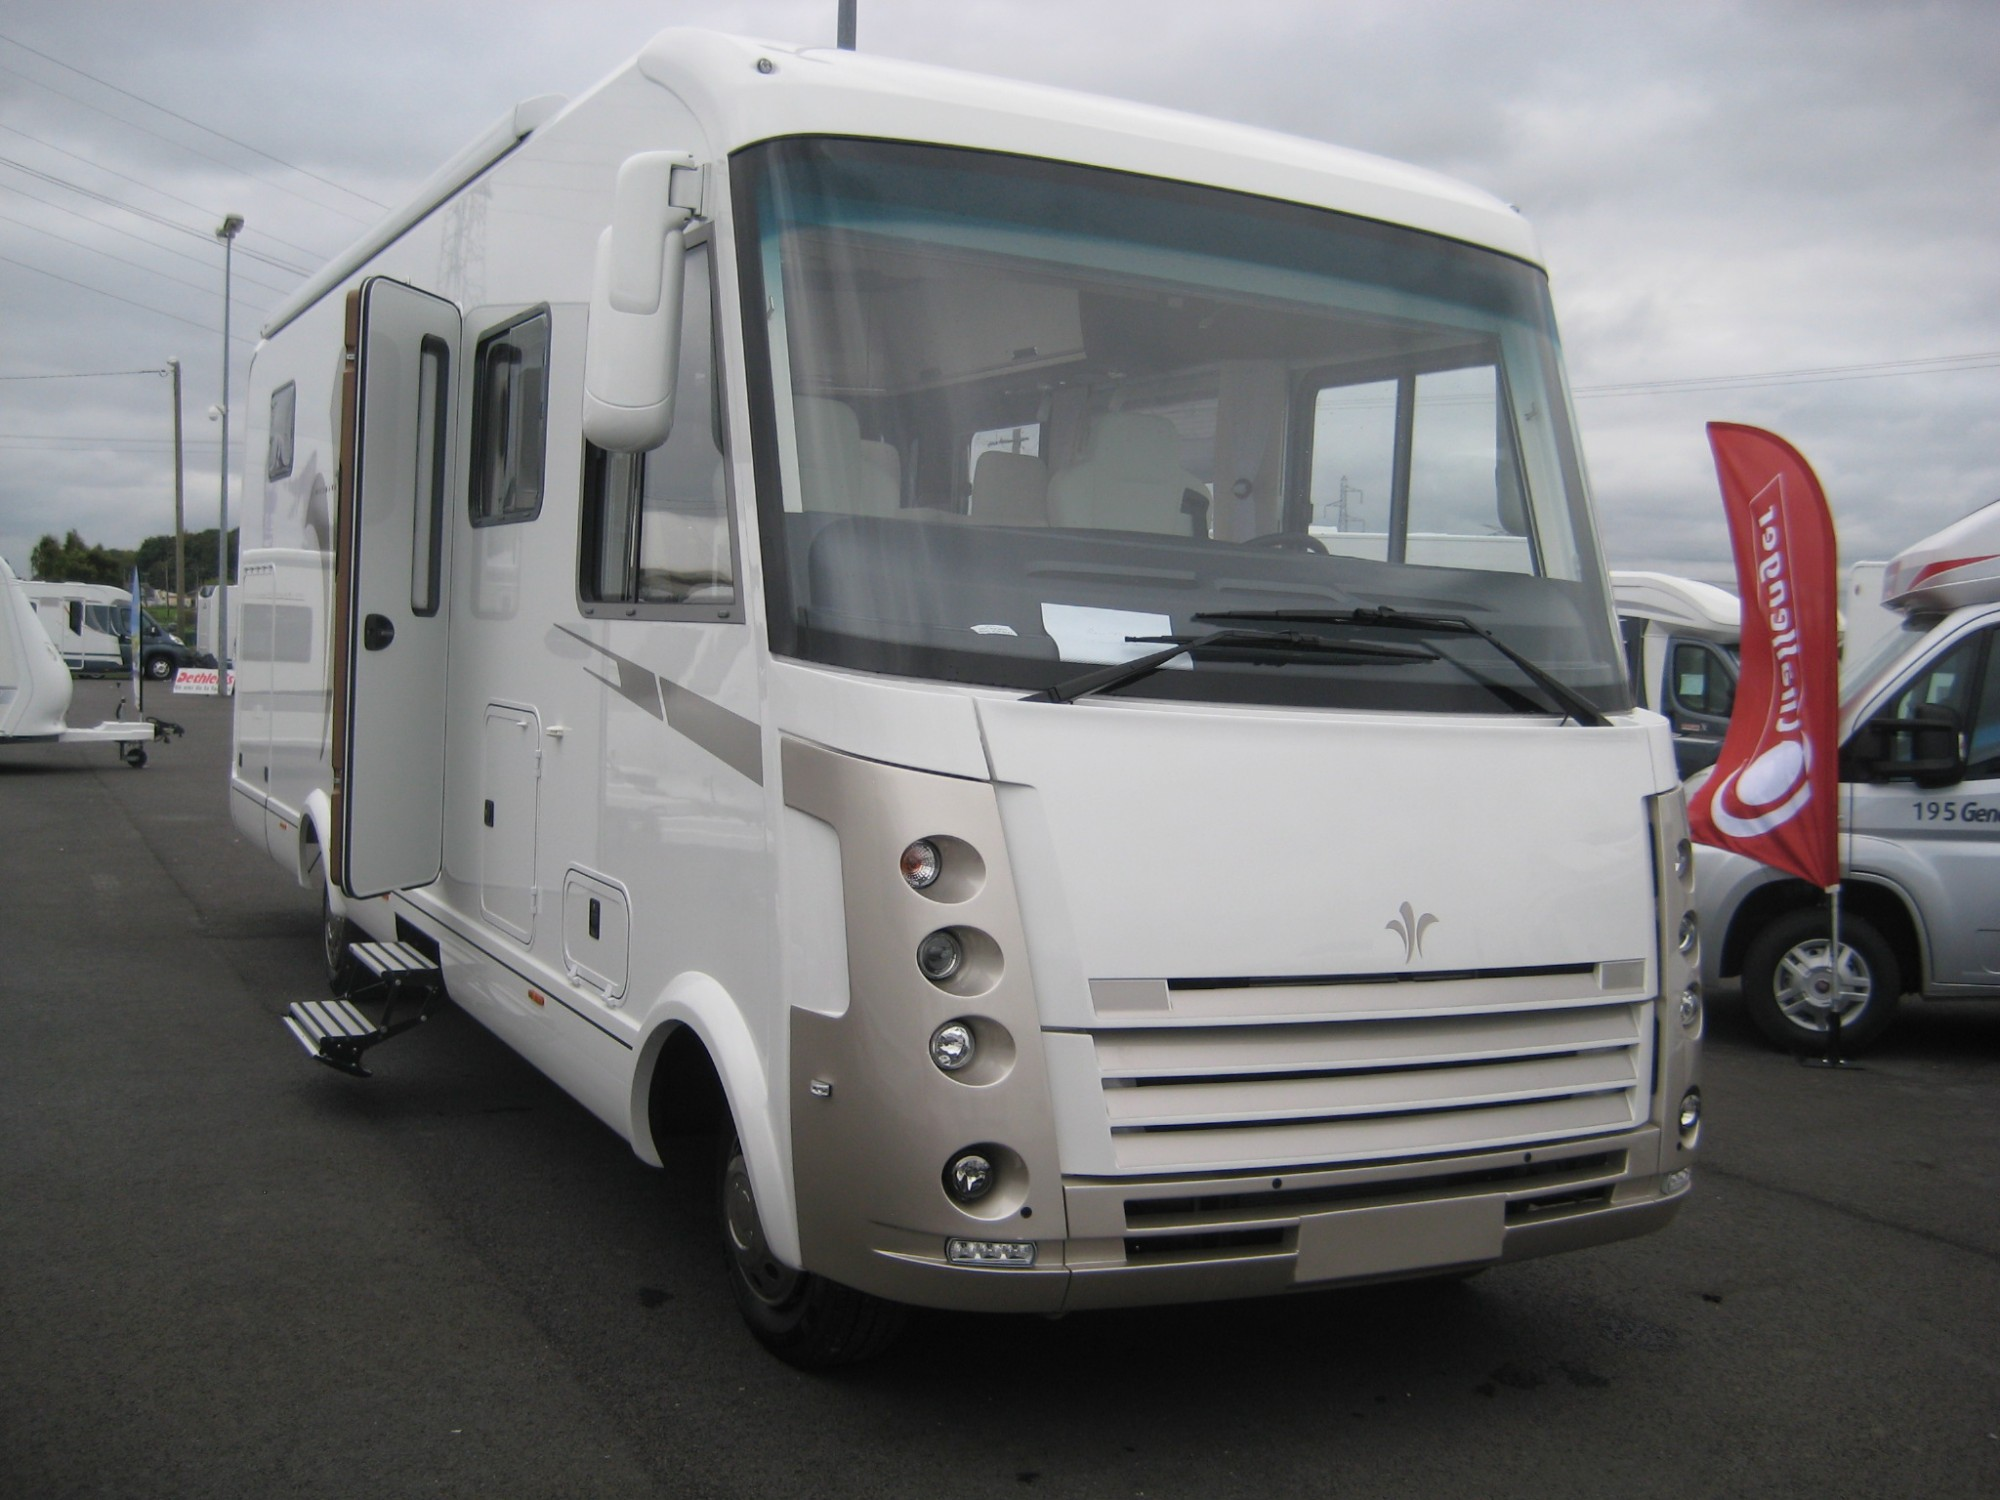 contactez nous rouen caravane service jousse. Black Bedroom Furniture Sets. Home Design Ideas